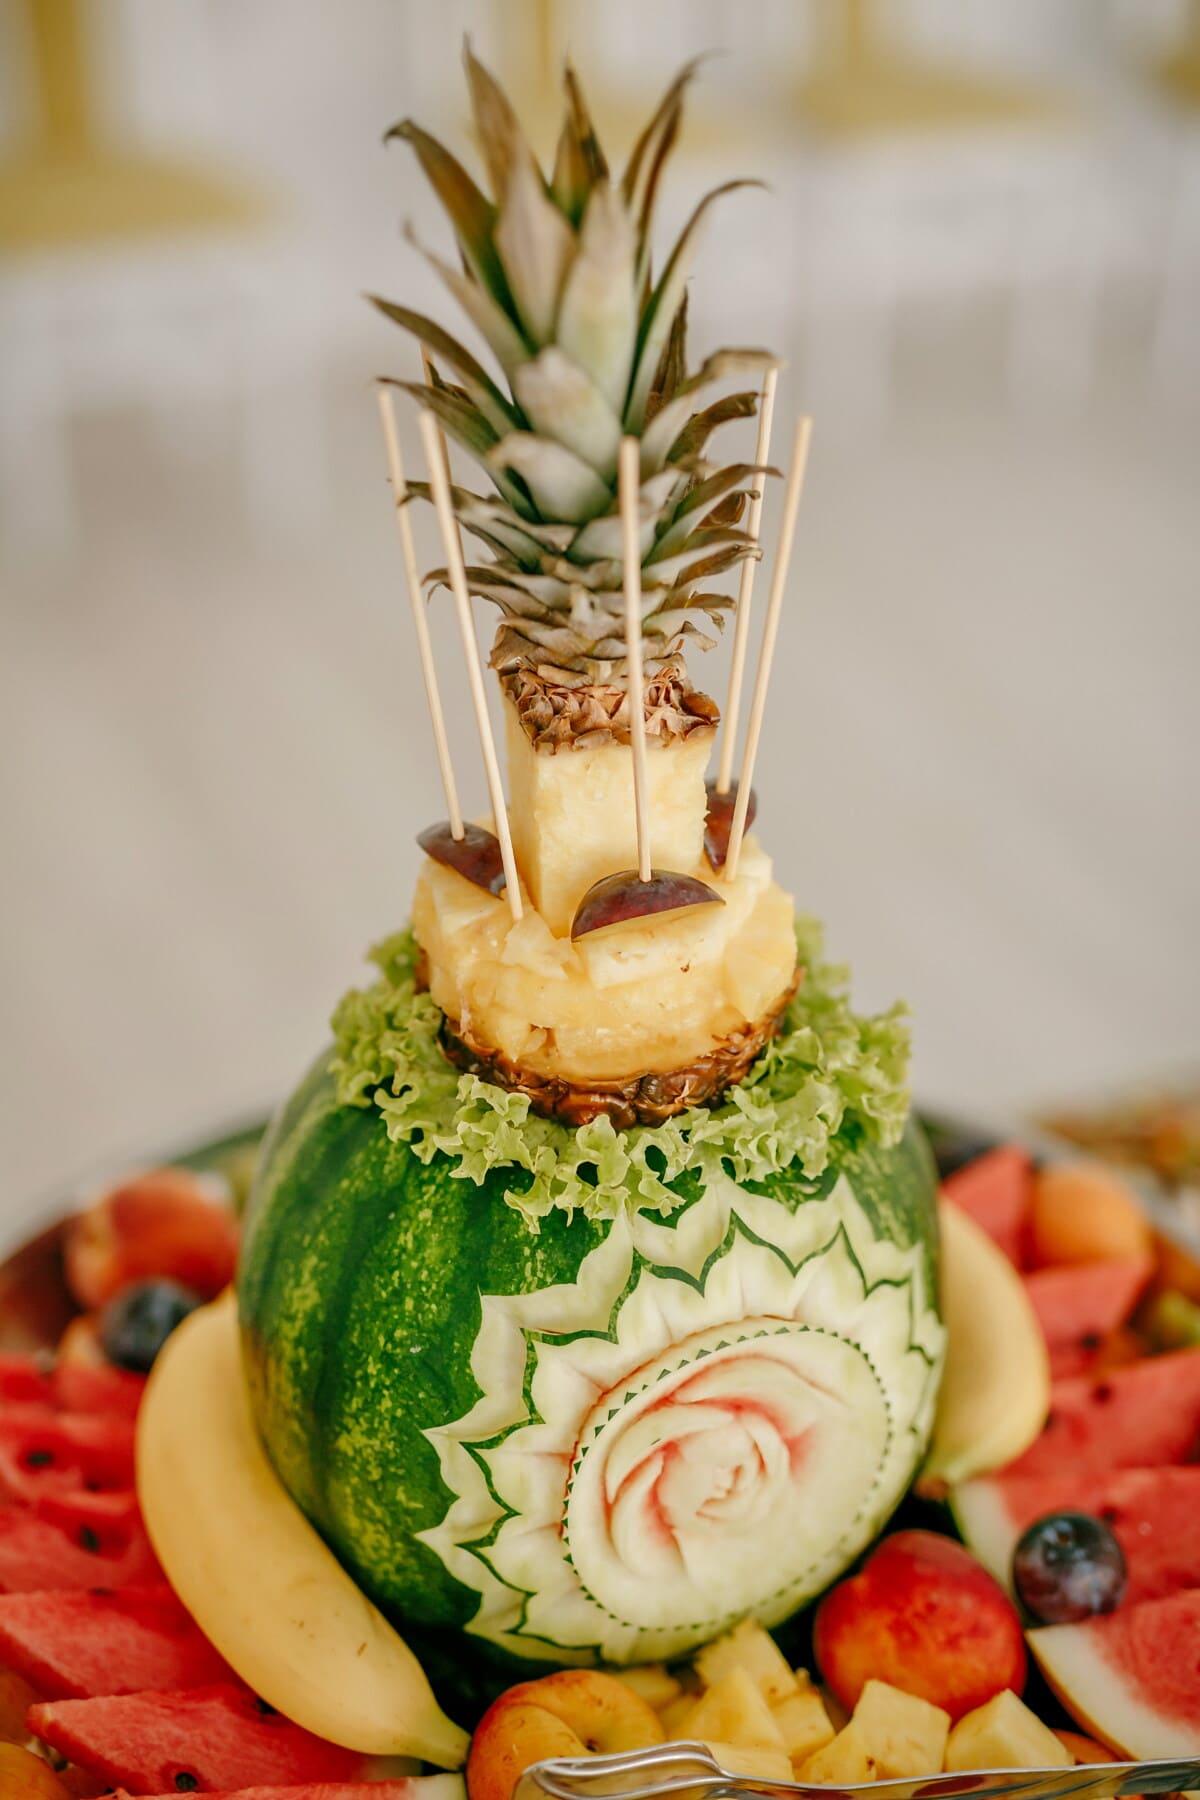 Wassermelone, Schnitzen, Ananas, Dekoration, Obst, Zitrus, Banane, Pfirsich, Essen, sehr lecker